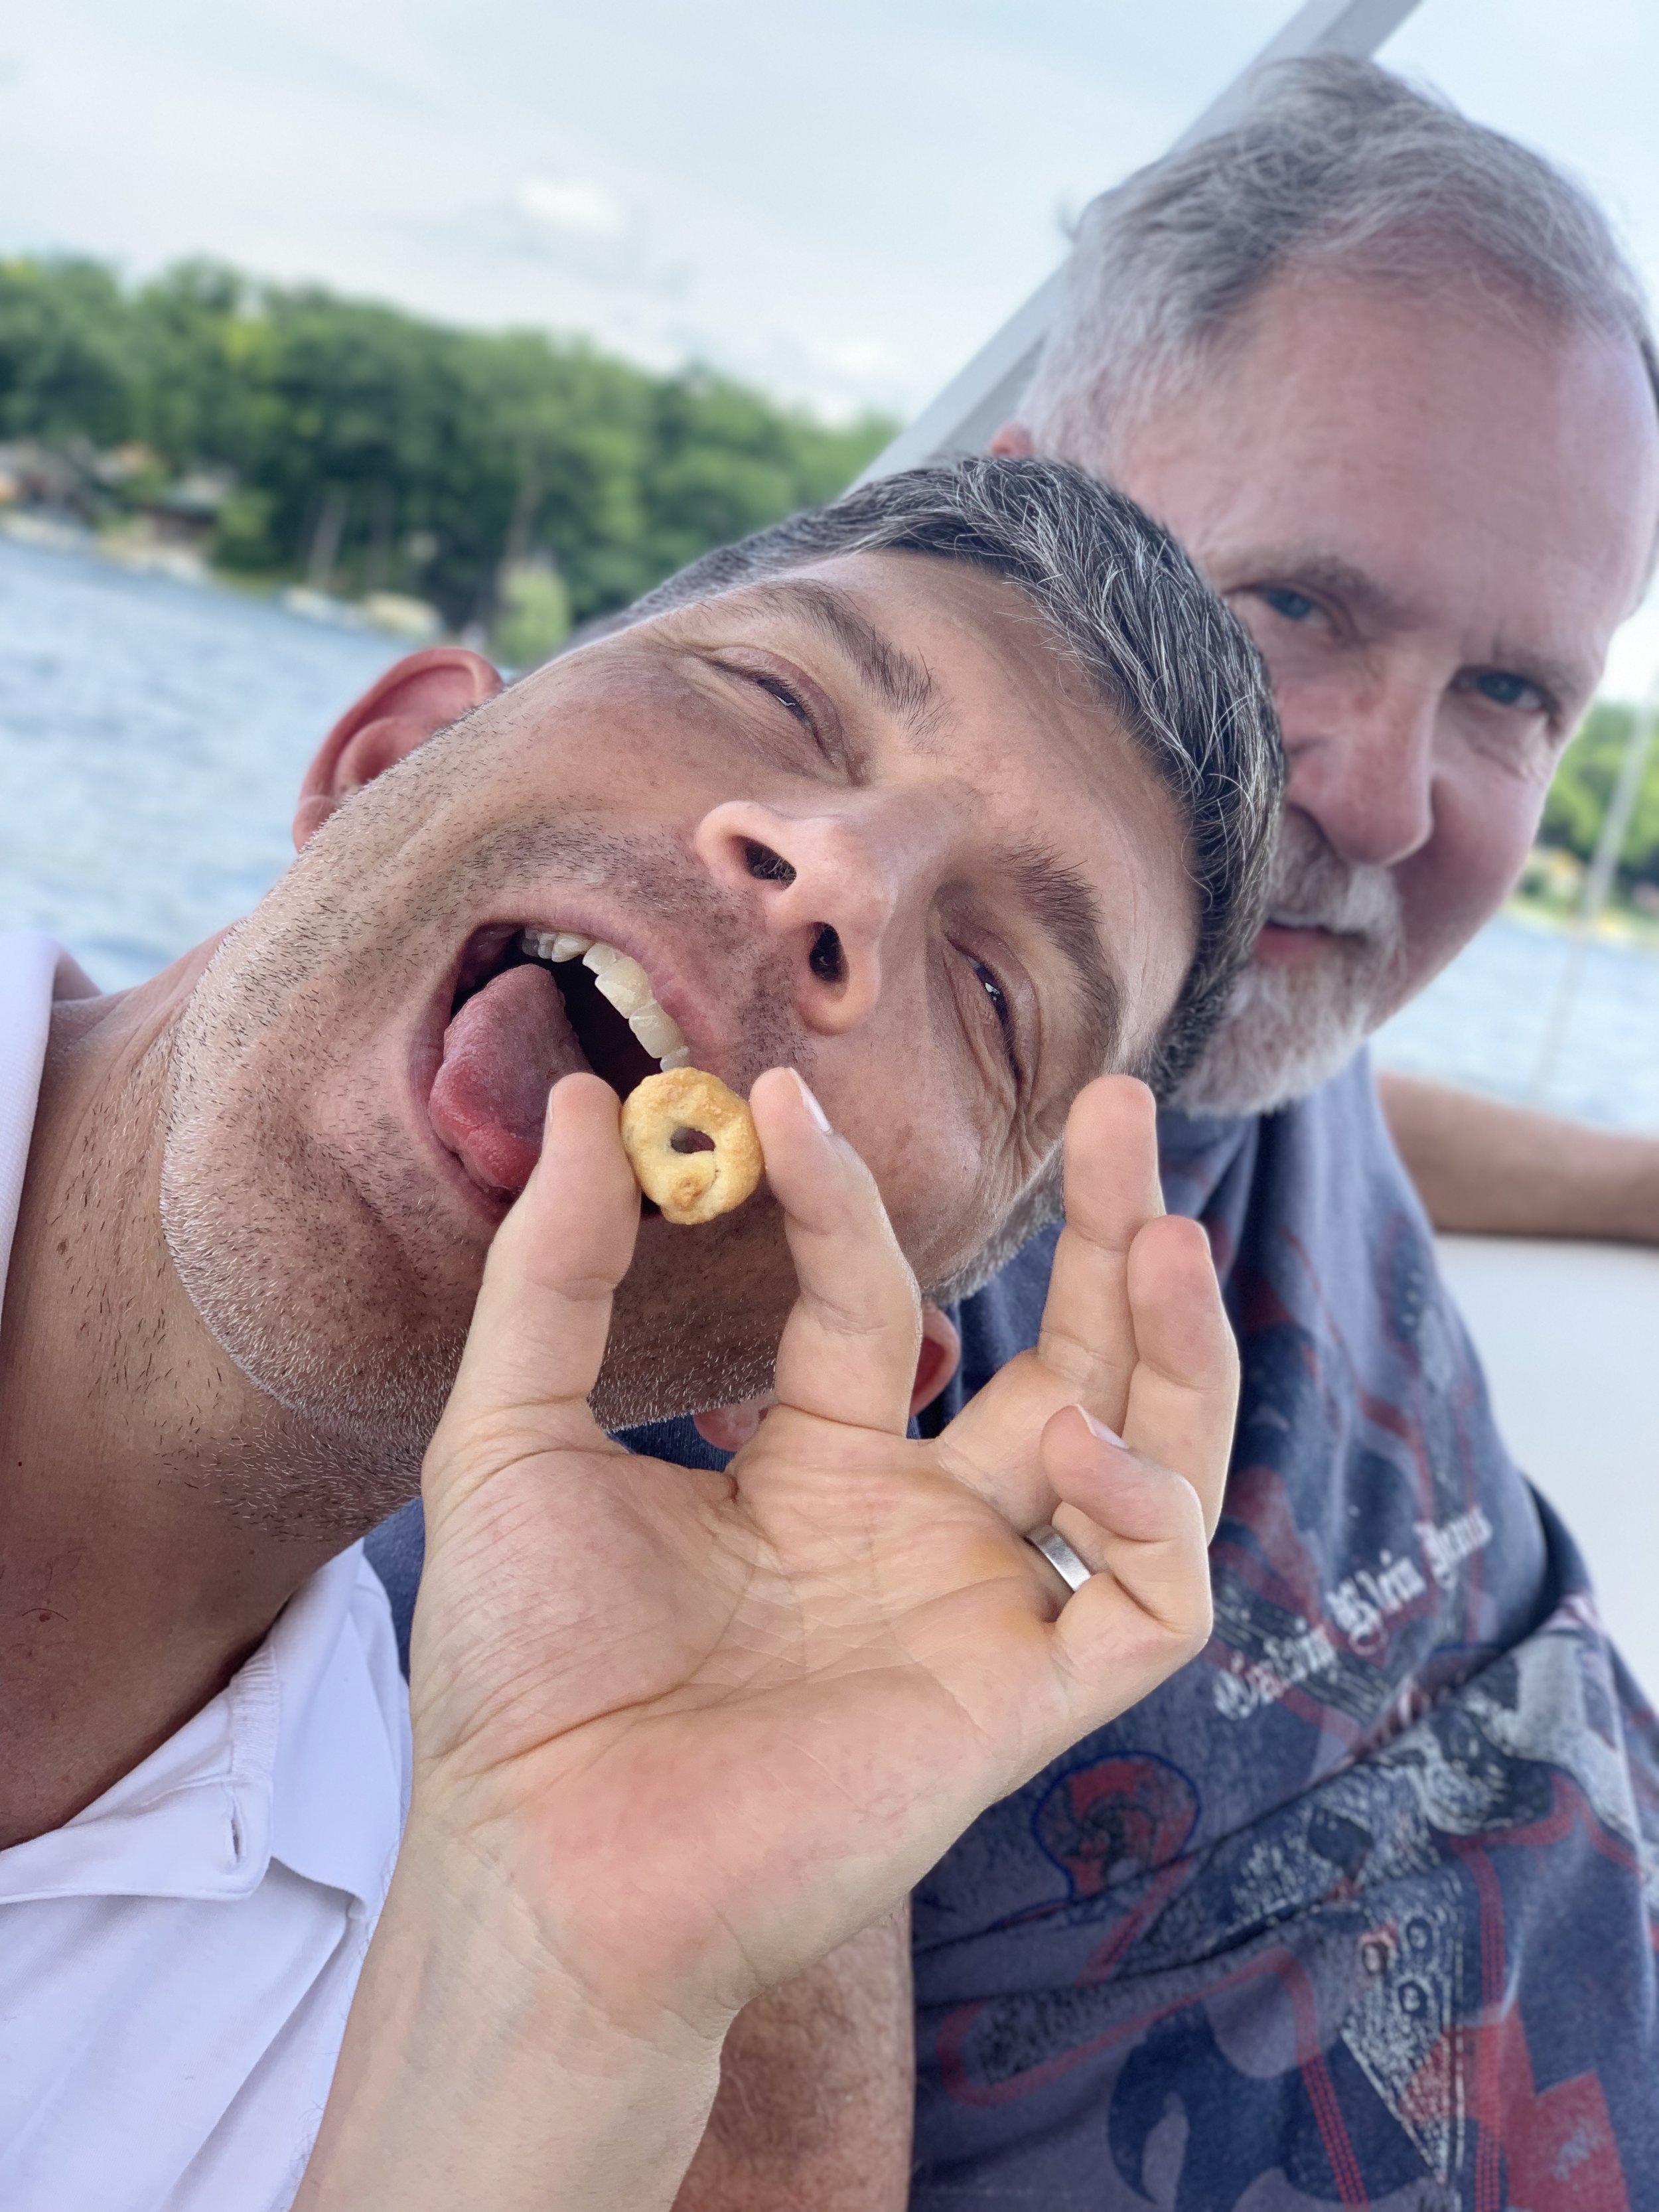 John and Scott eating Italian snacks